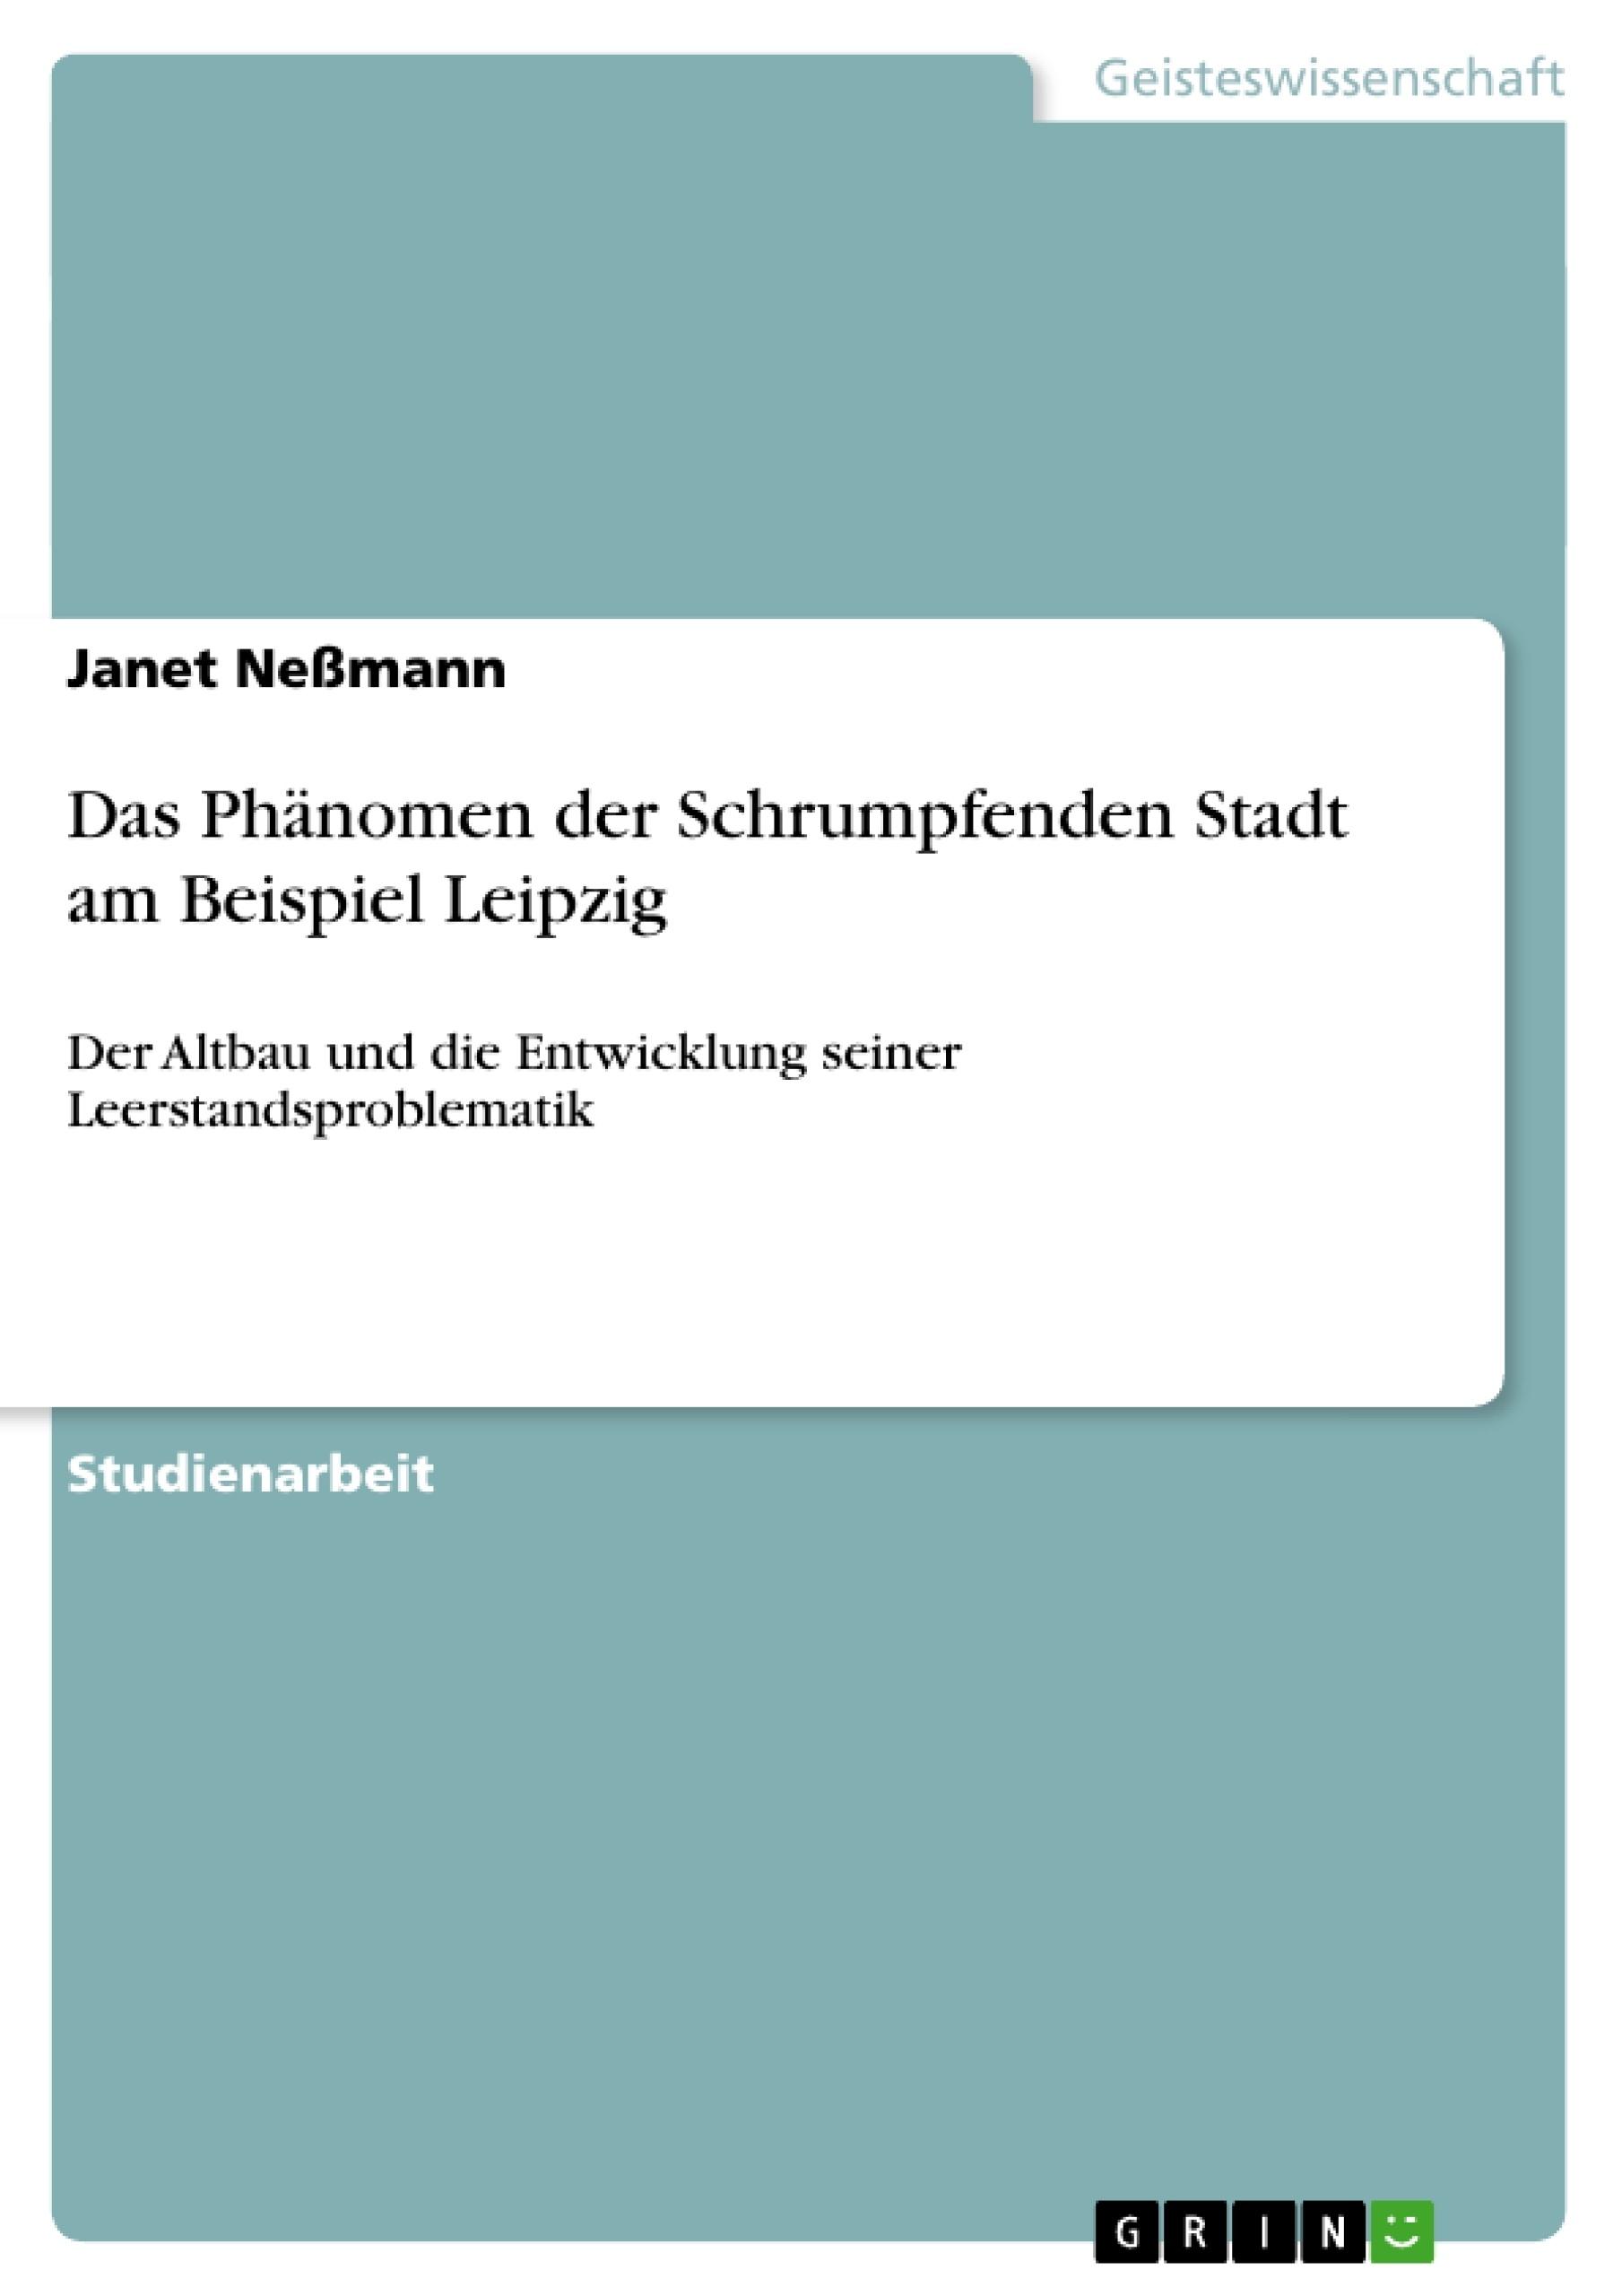 Titel: Das Phänomen der Schrumpfenden Stadt am Beispiel Leipzig